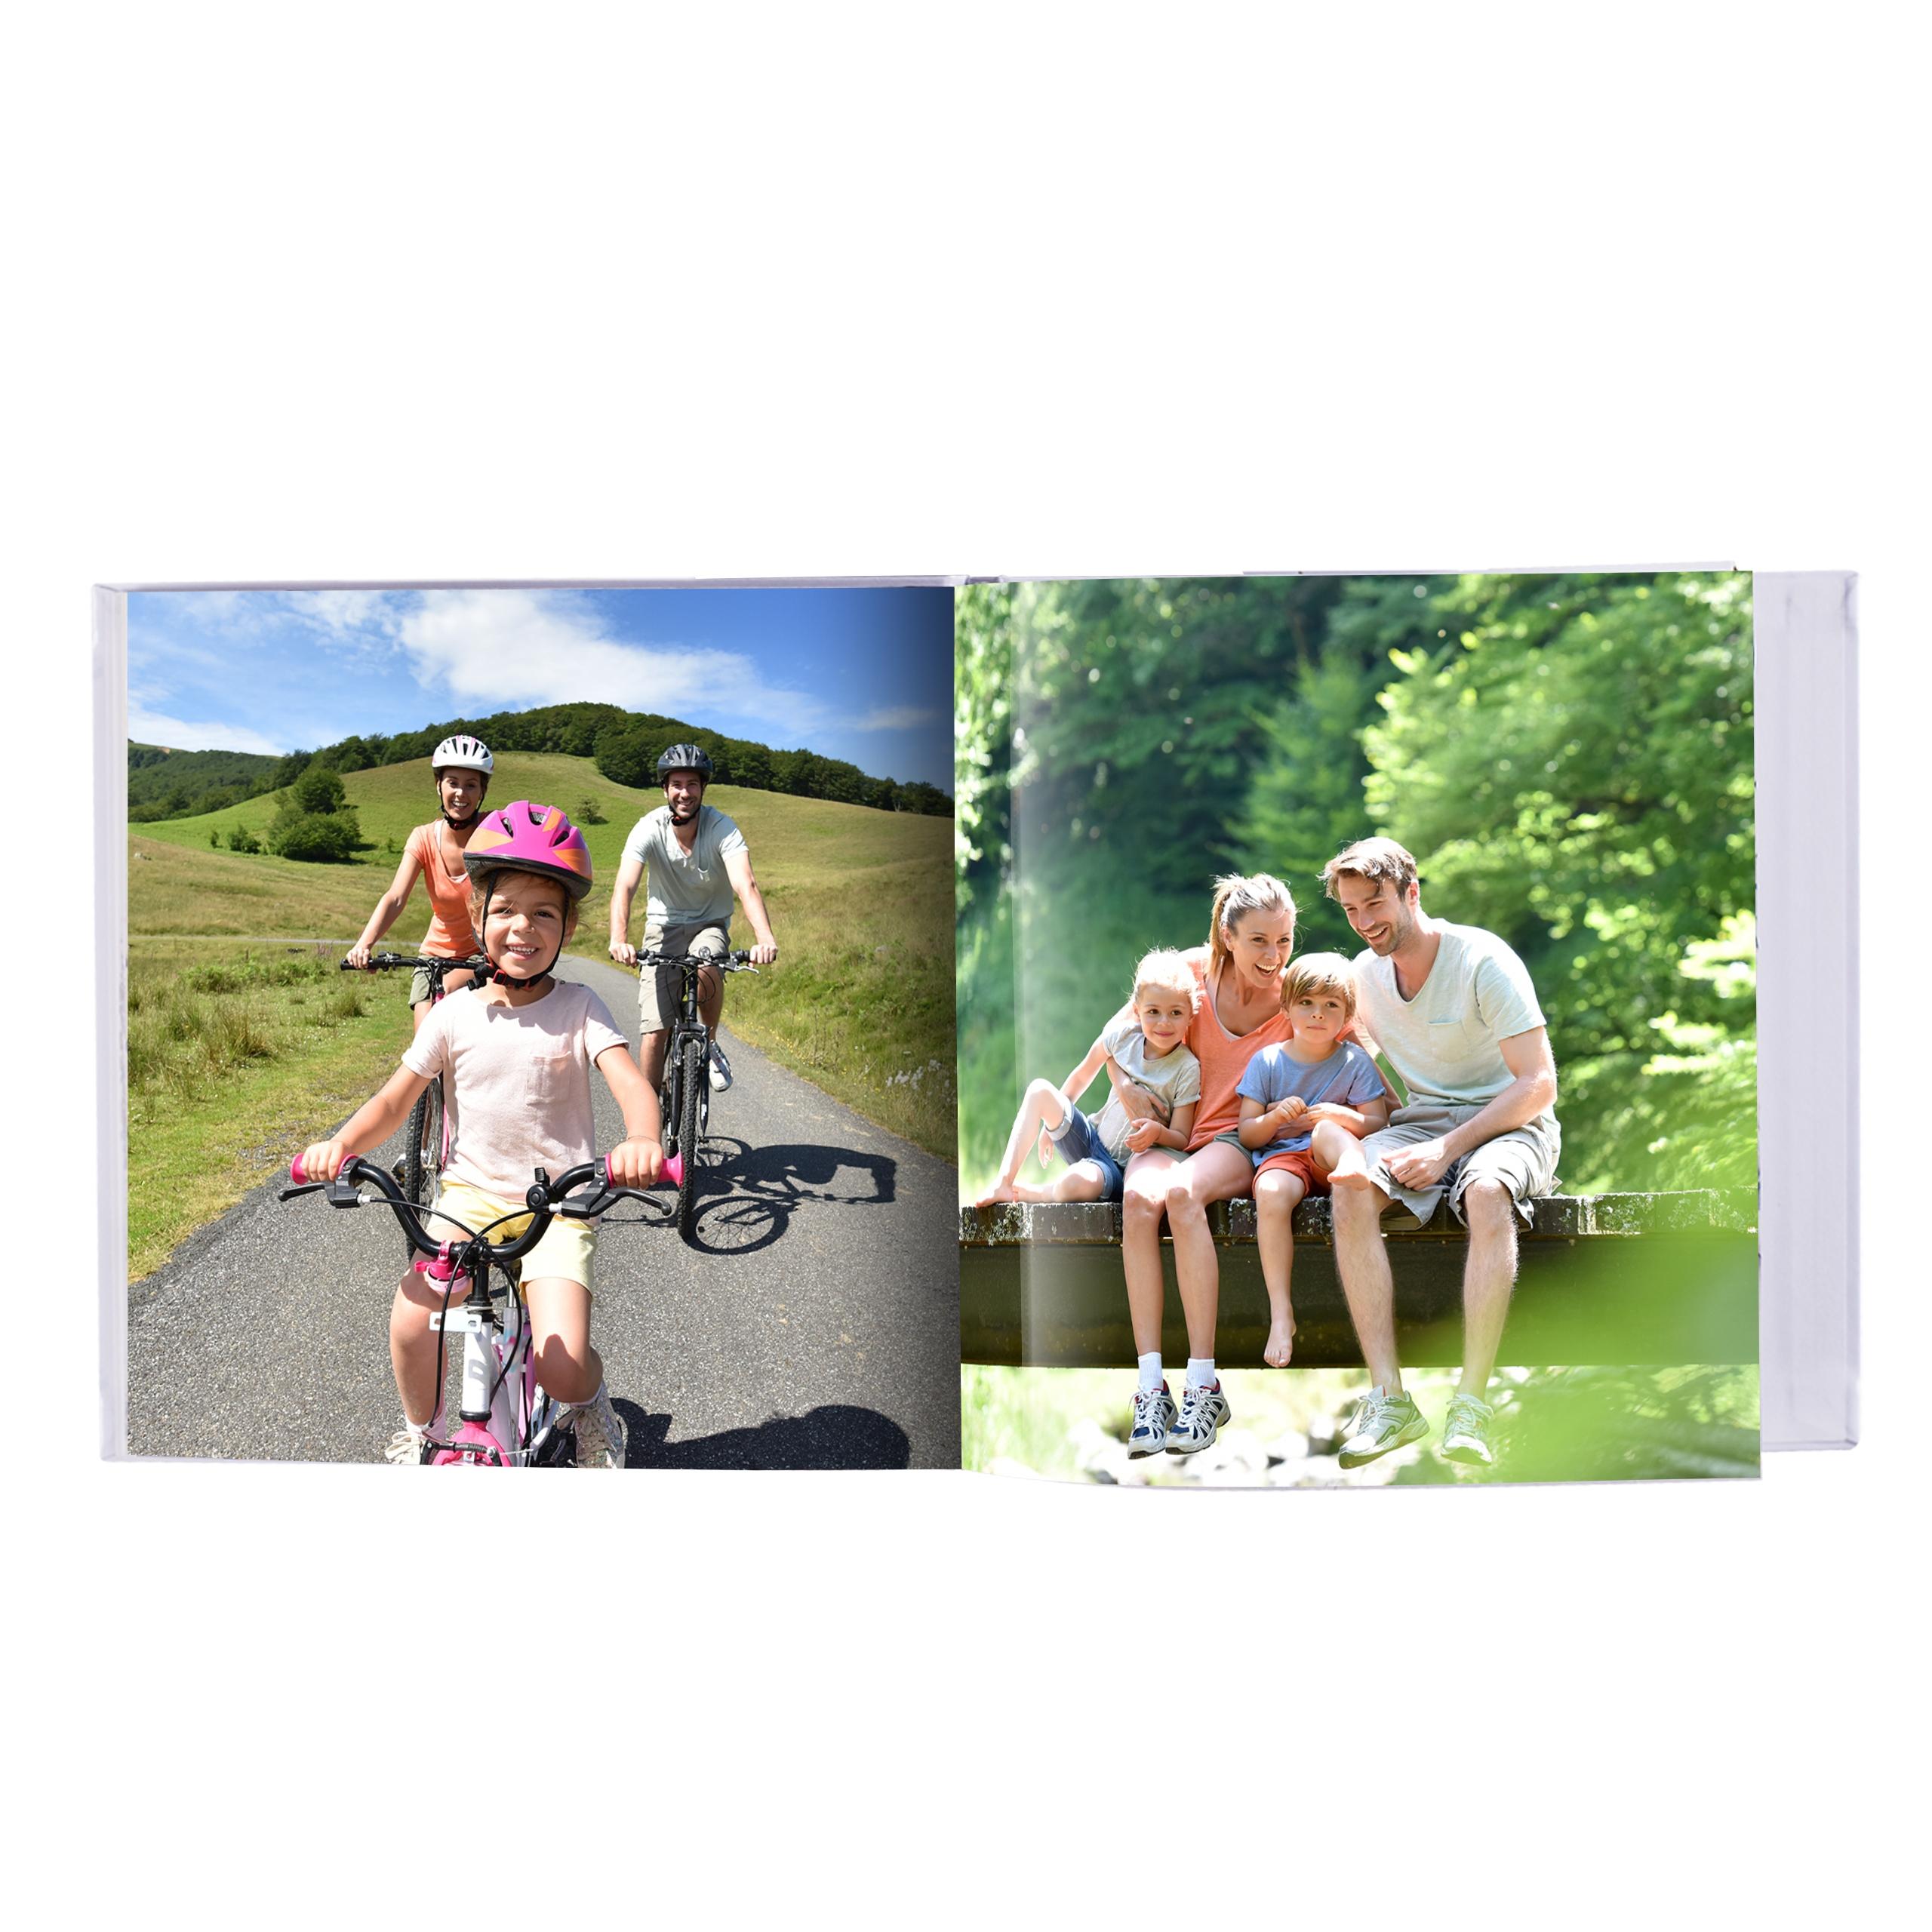 Item Photo book, photo Album square 20x20 - 40 pages